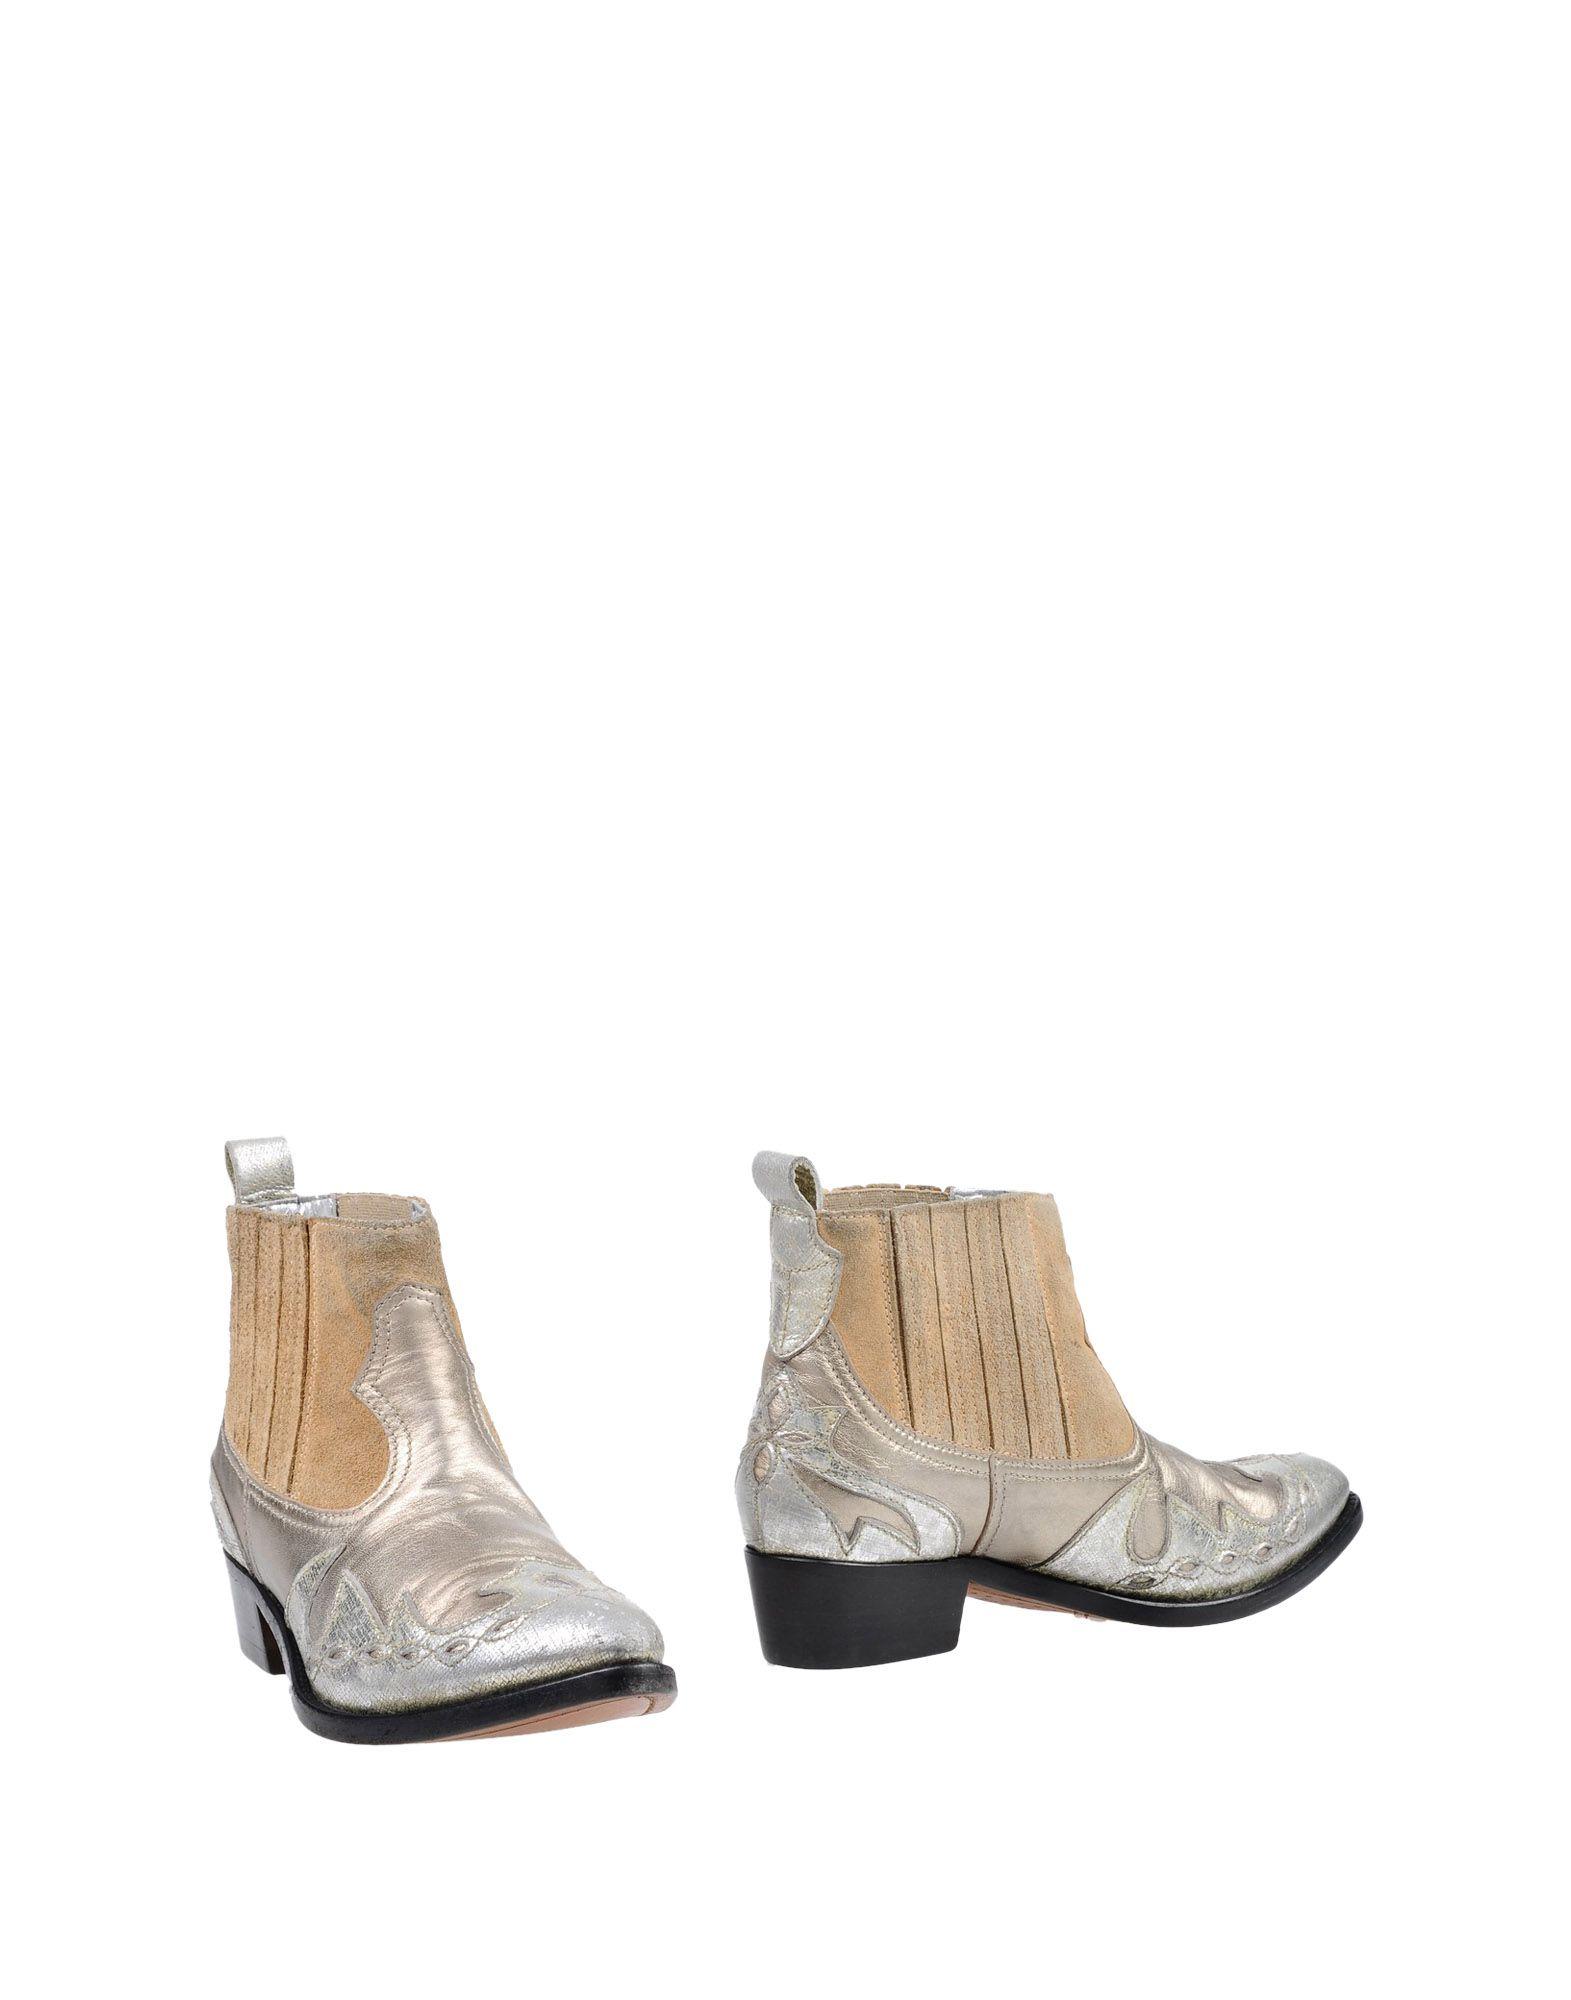 Golden Goose Deluxe Brand Damen Stiefelette Damen Brand  11382618TA Heiße Schuhe cd8dad